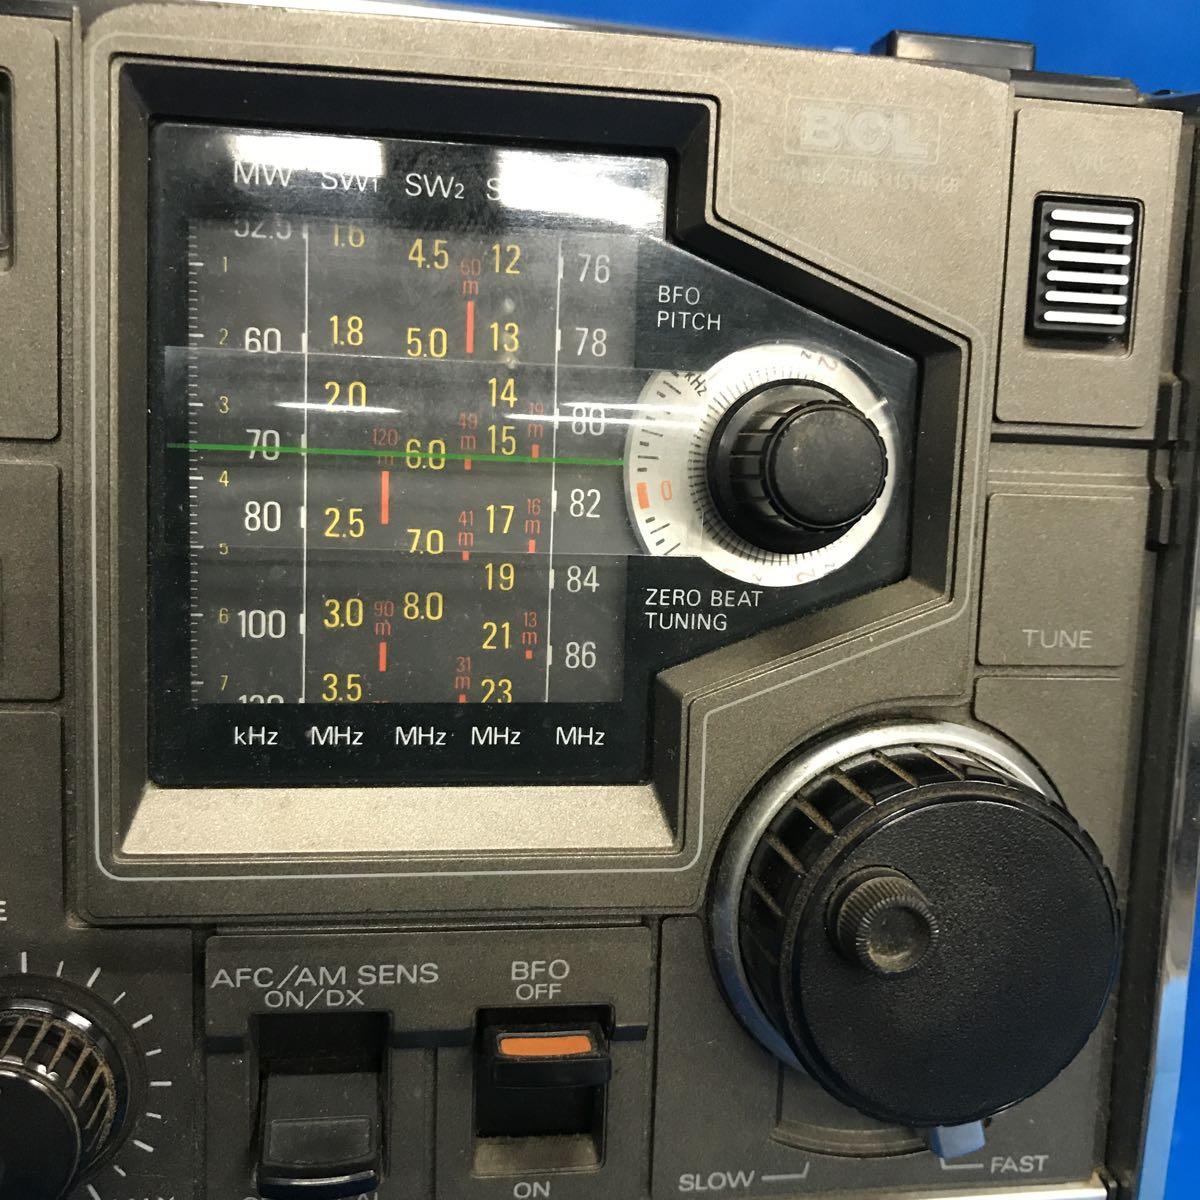 AIWA/アイワ 5バンド ラジオカセットレコーダー BCLレコーダー TPR-255 電源コード付き 【ジャンク品/現状渡し/部品取り/修理前提】_画像3